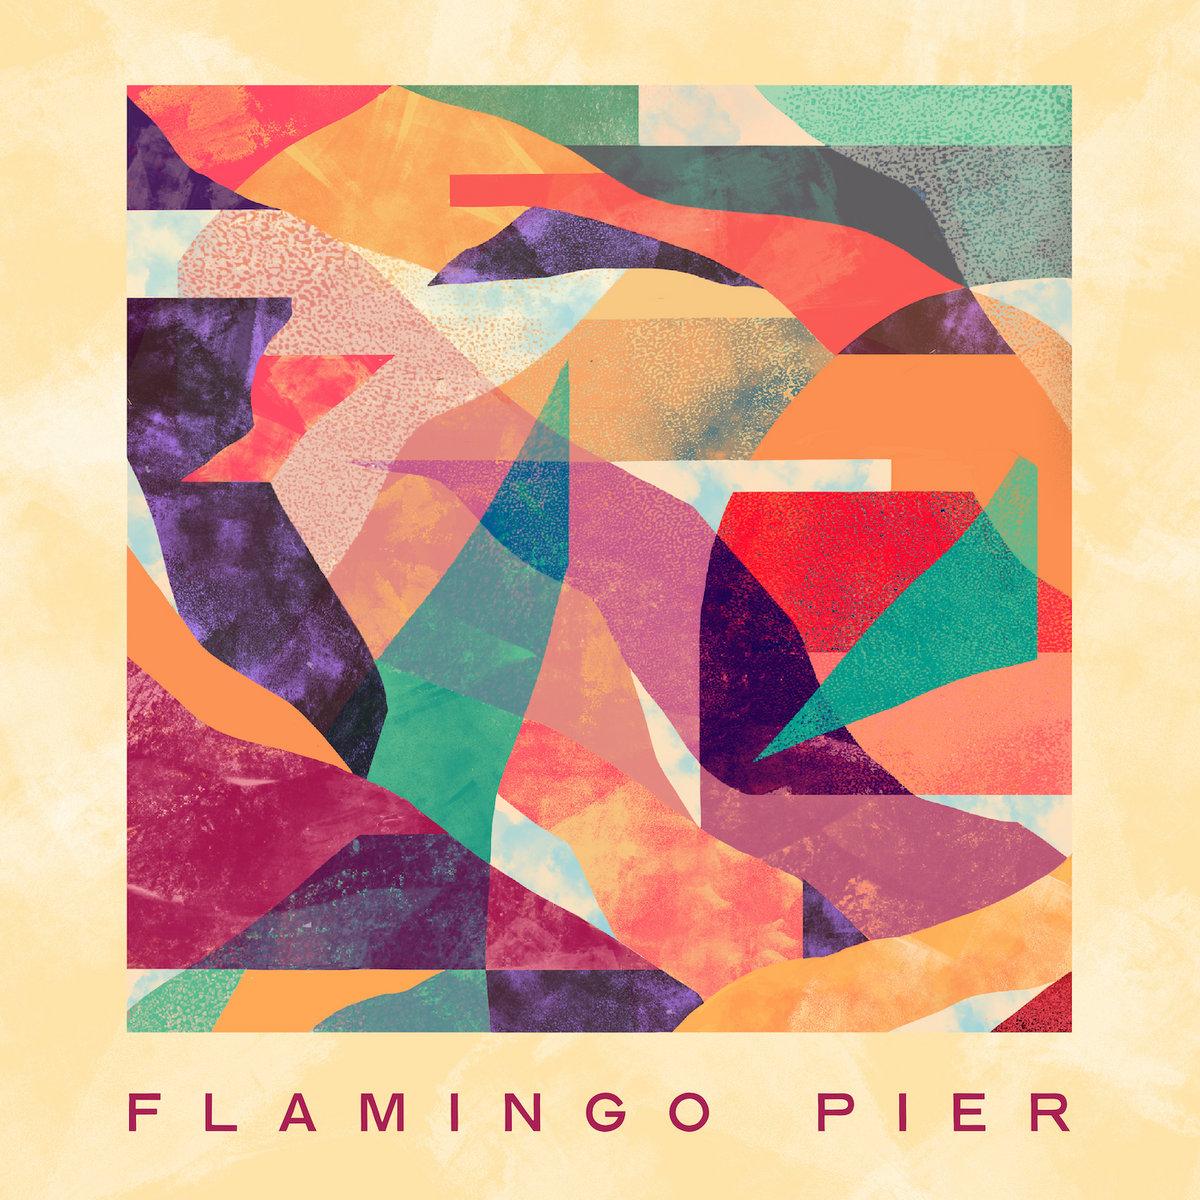 Flamingo_Pier –Flamingo_Pier